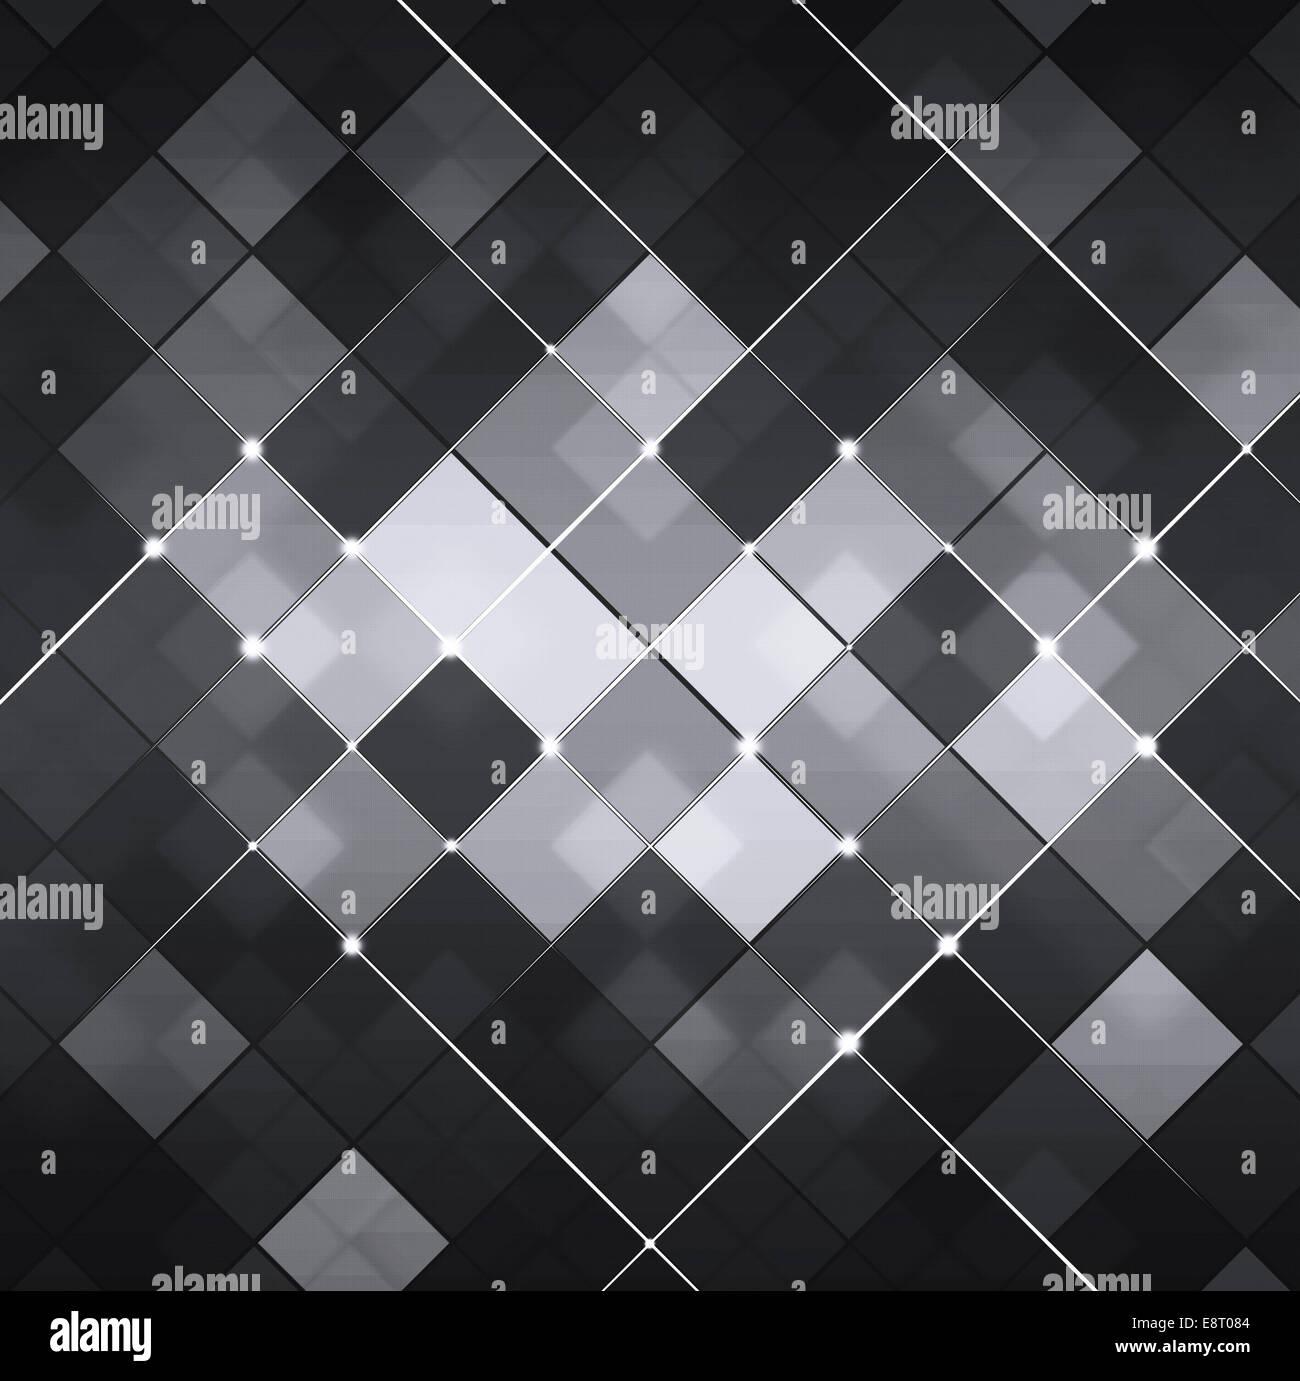 schwarze und weiße quadratische Punkte Technik Hintergrund abstrakt Stockfoto